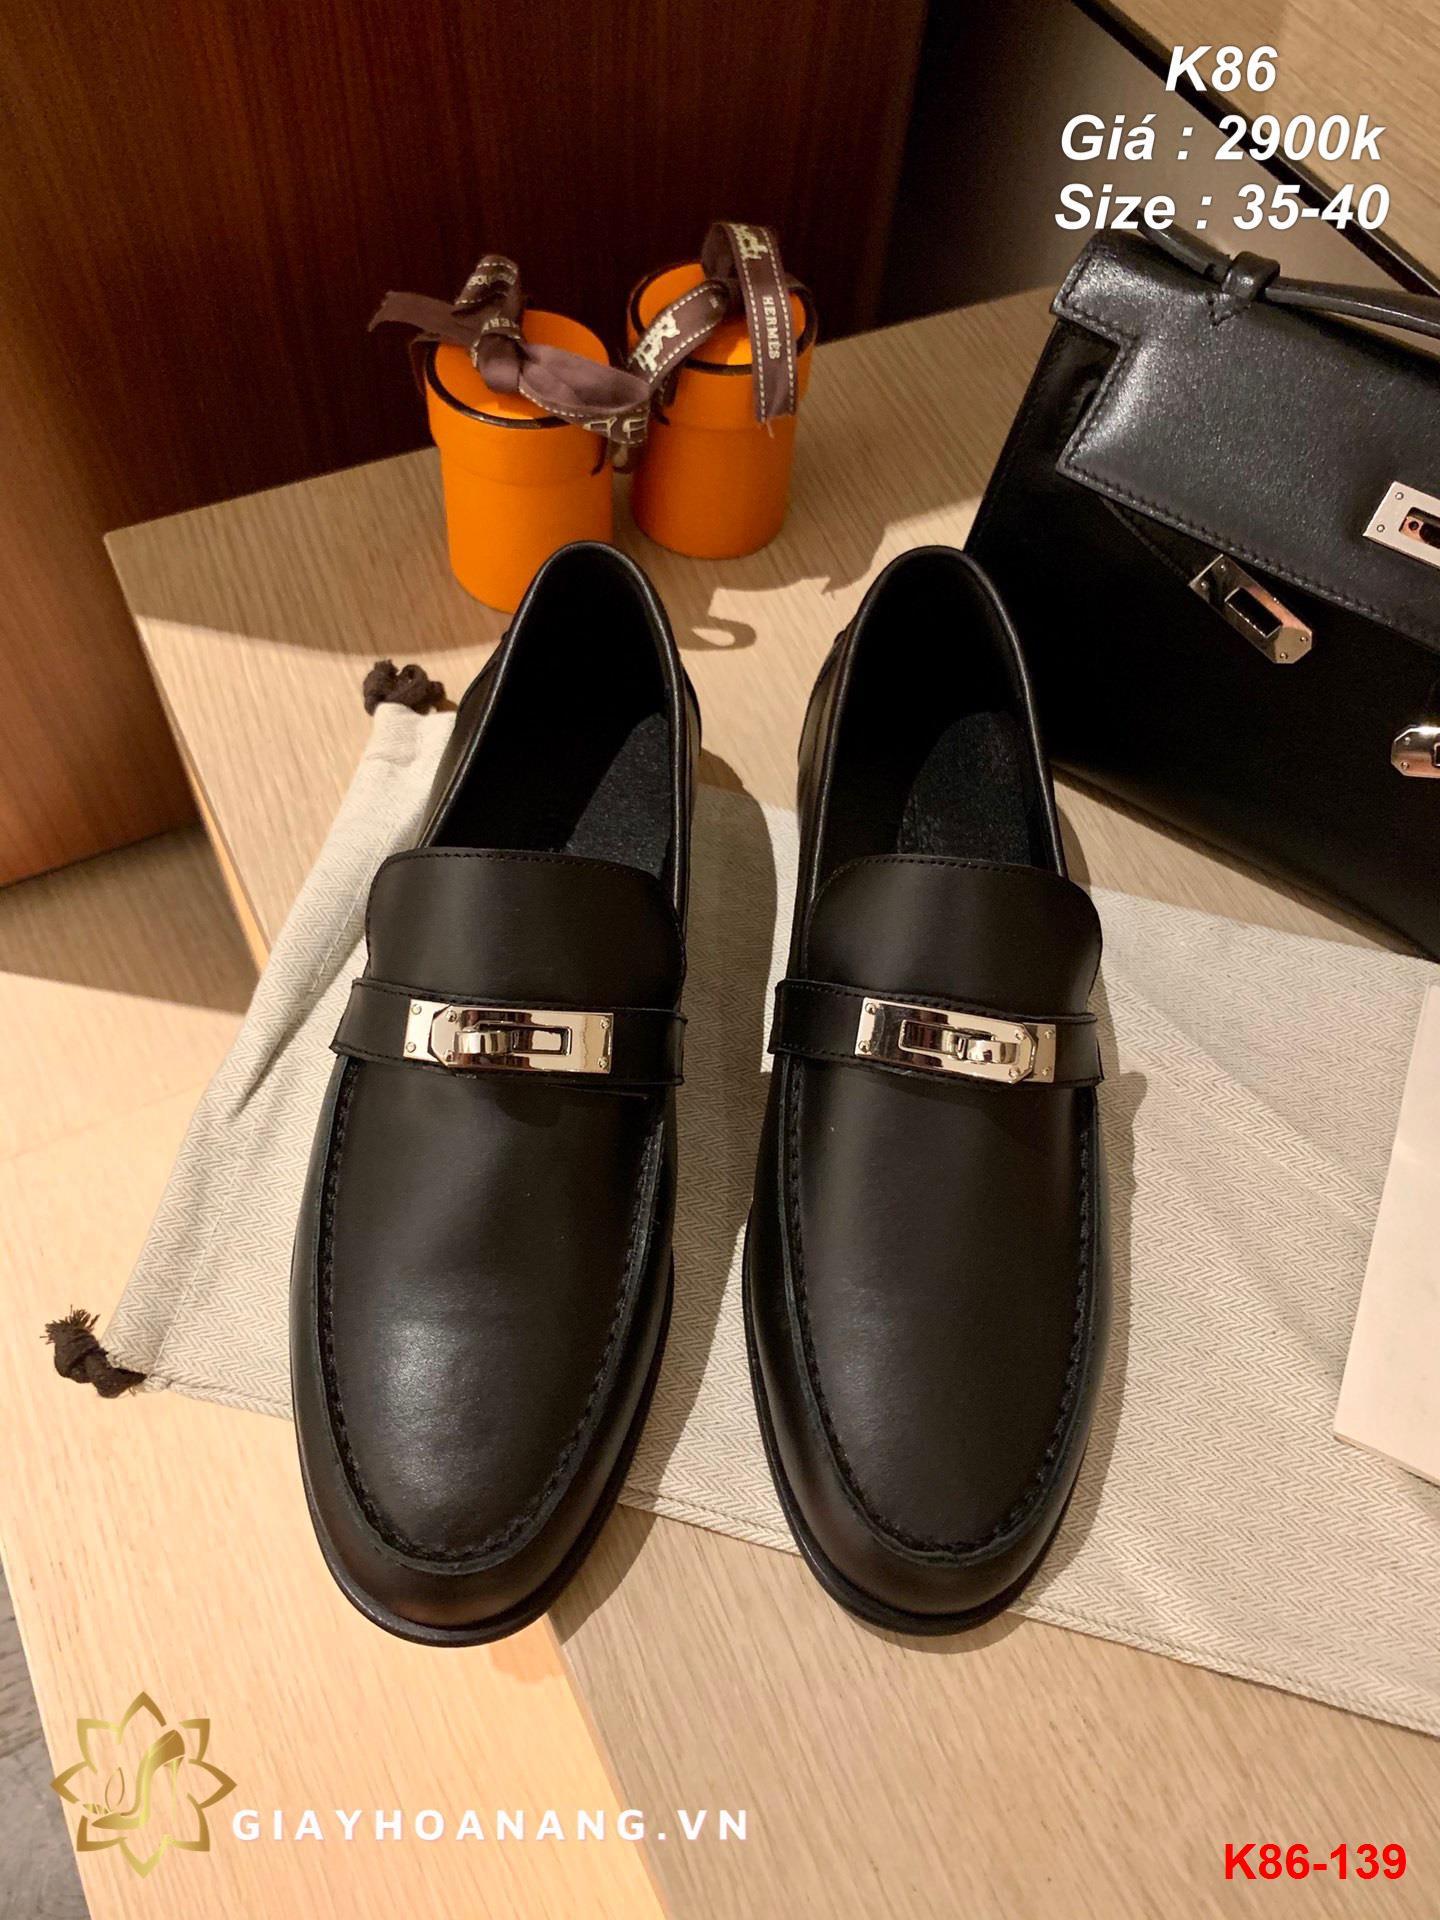 K86-139 Hermes giày lười siêu cấp